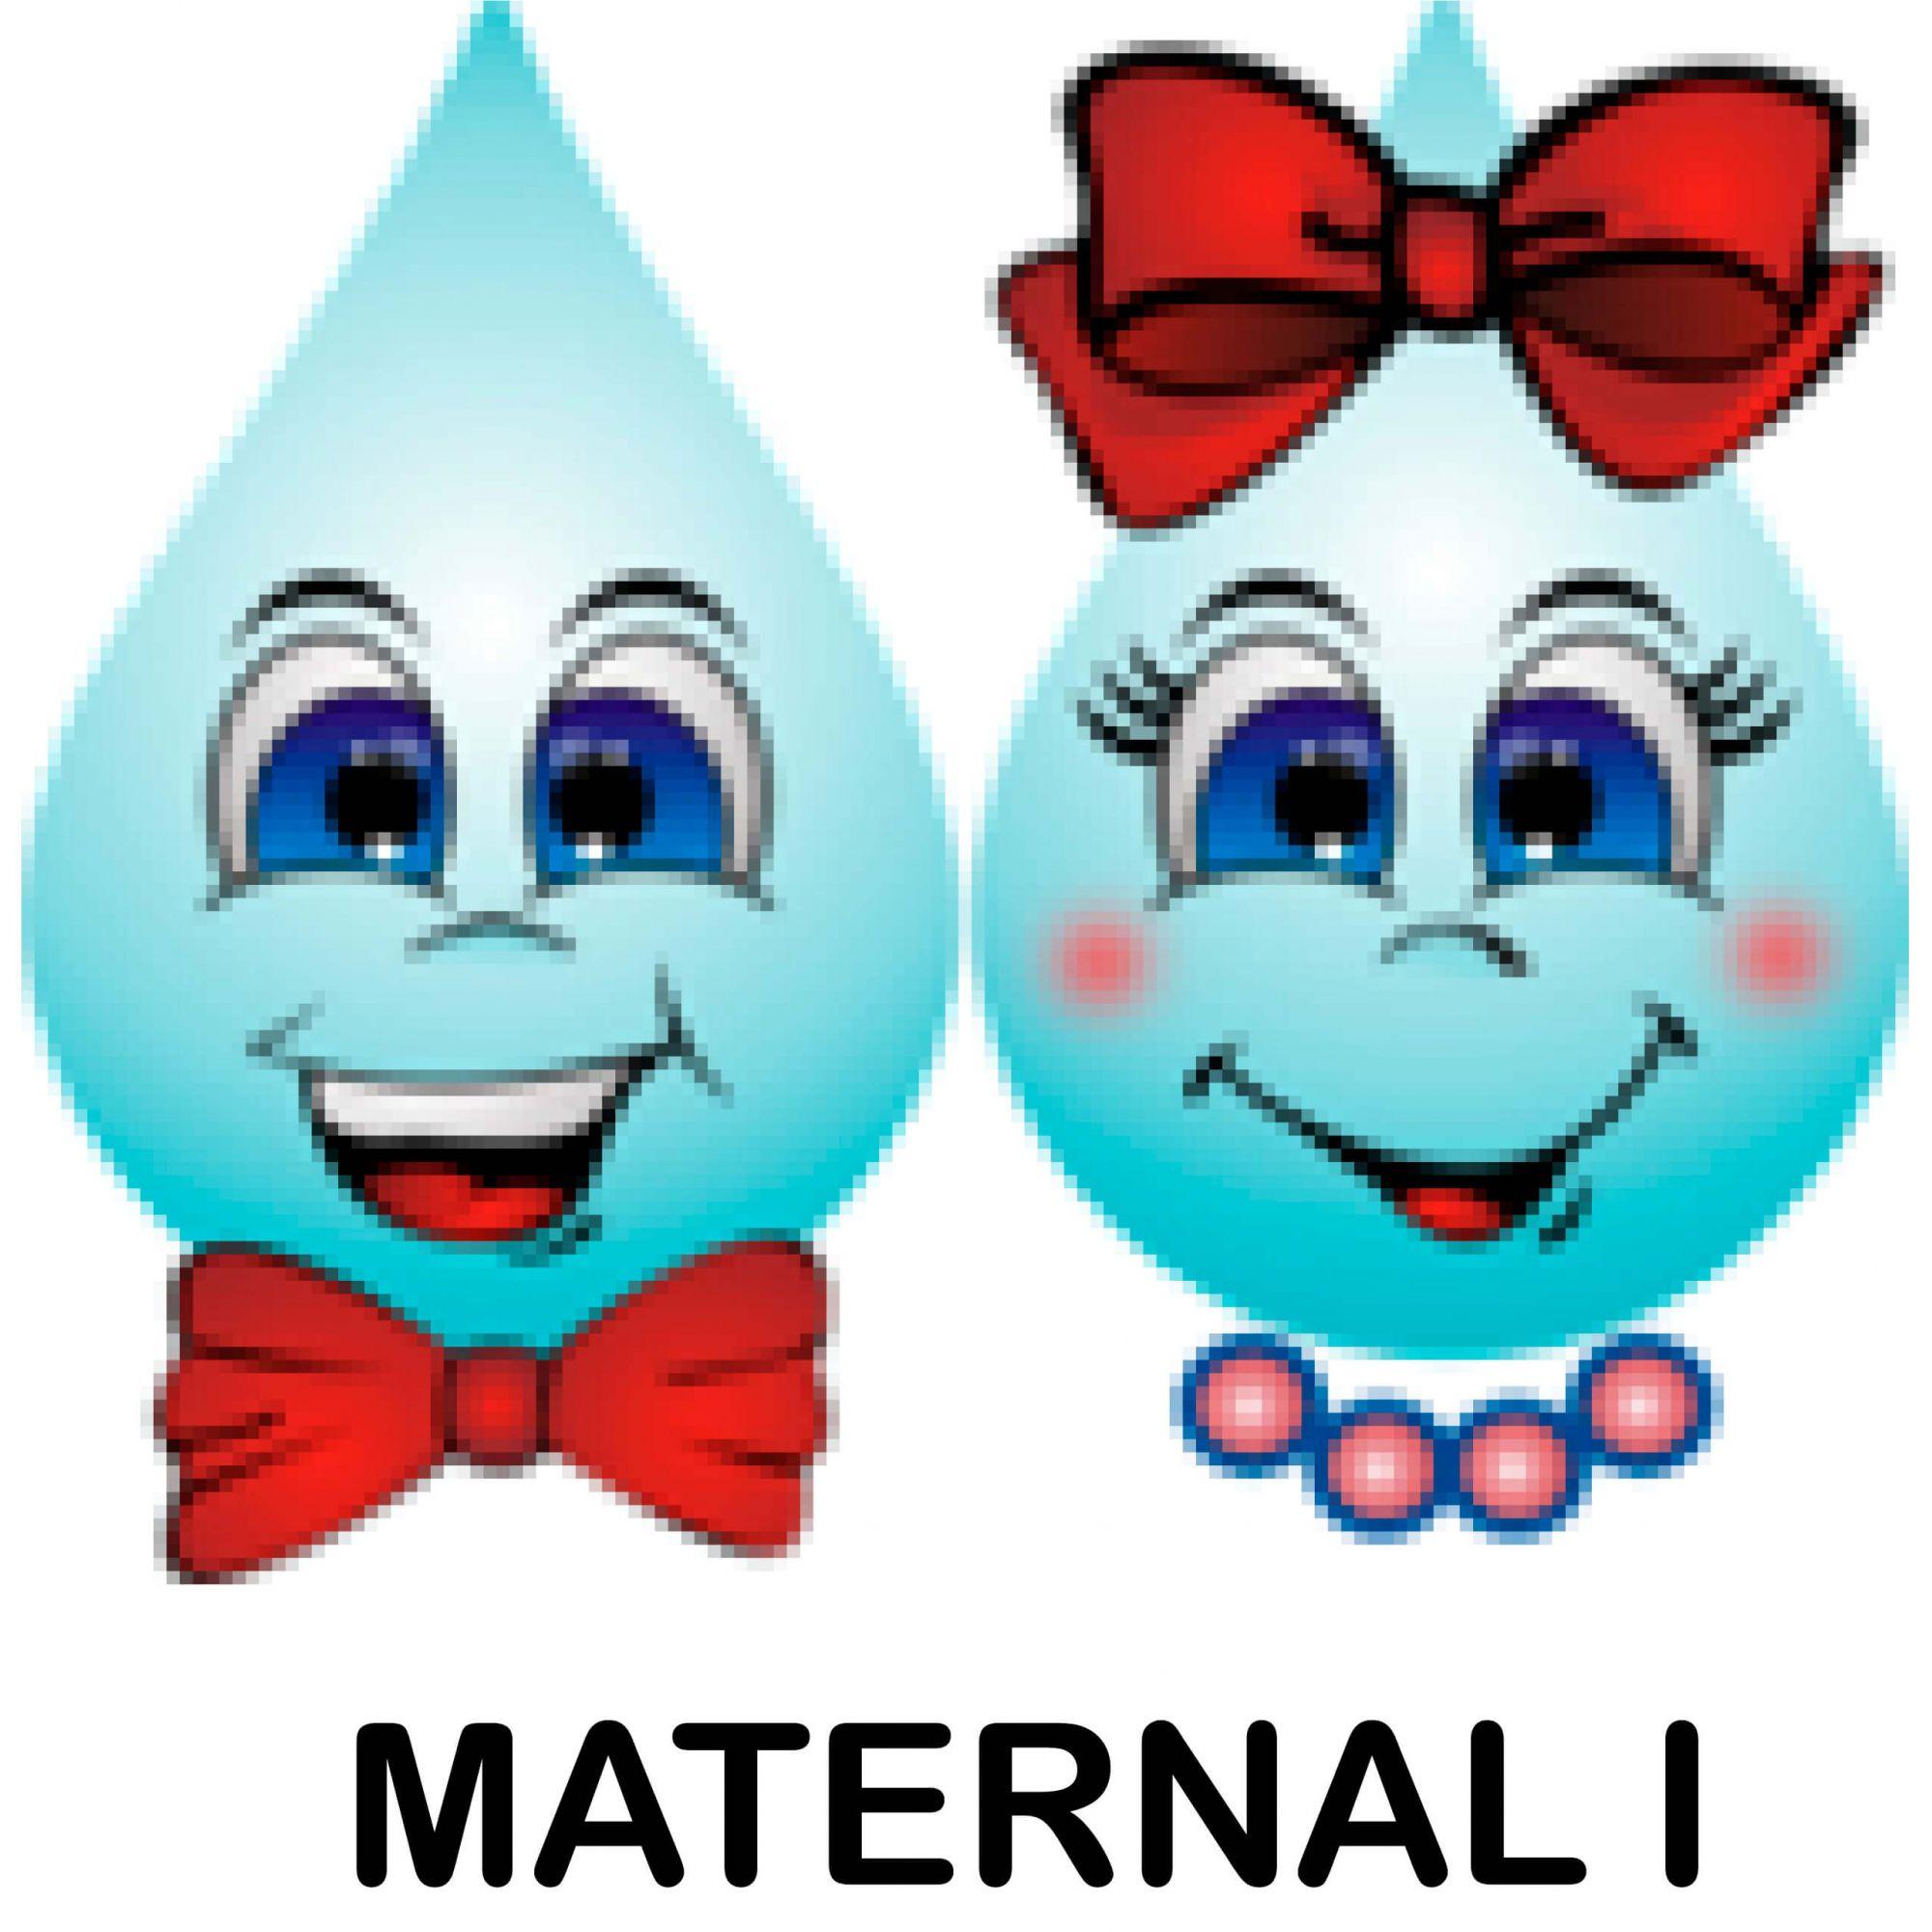 Pingo de Gente - Maternal I